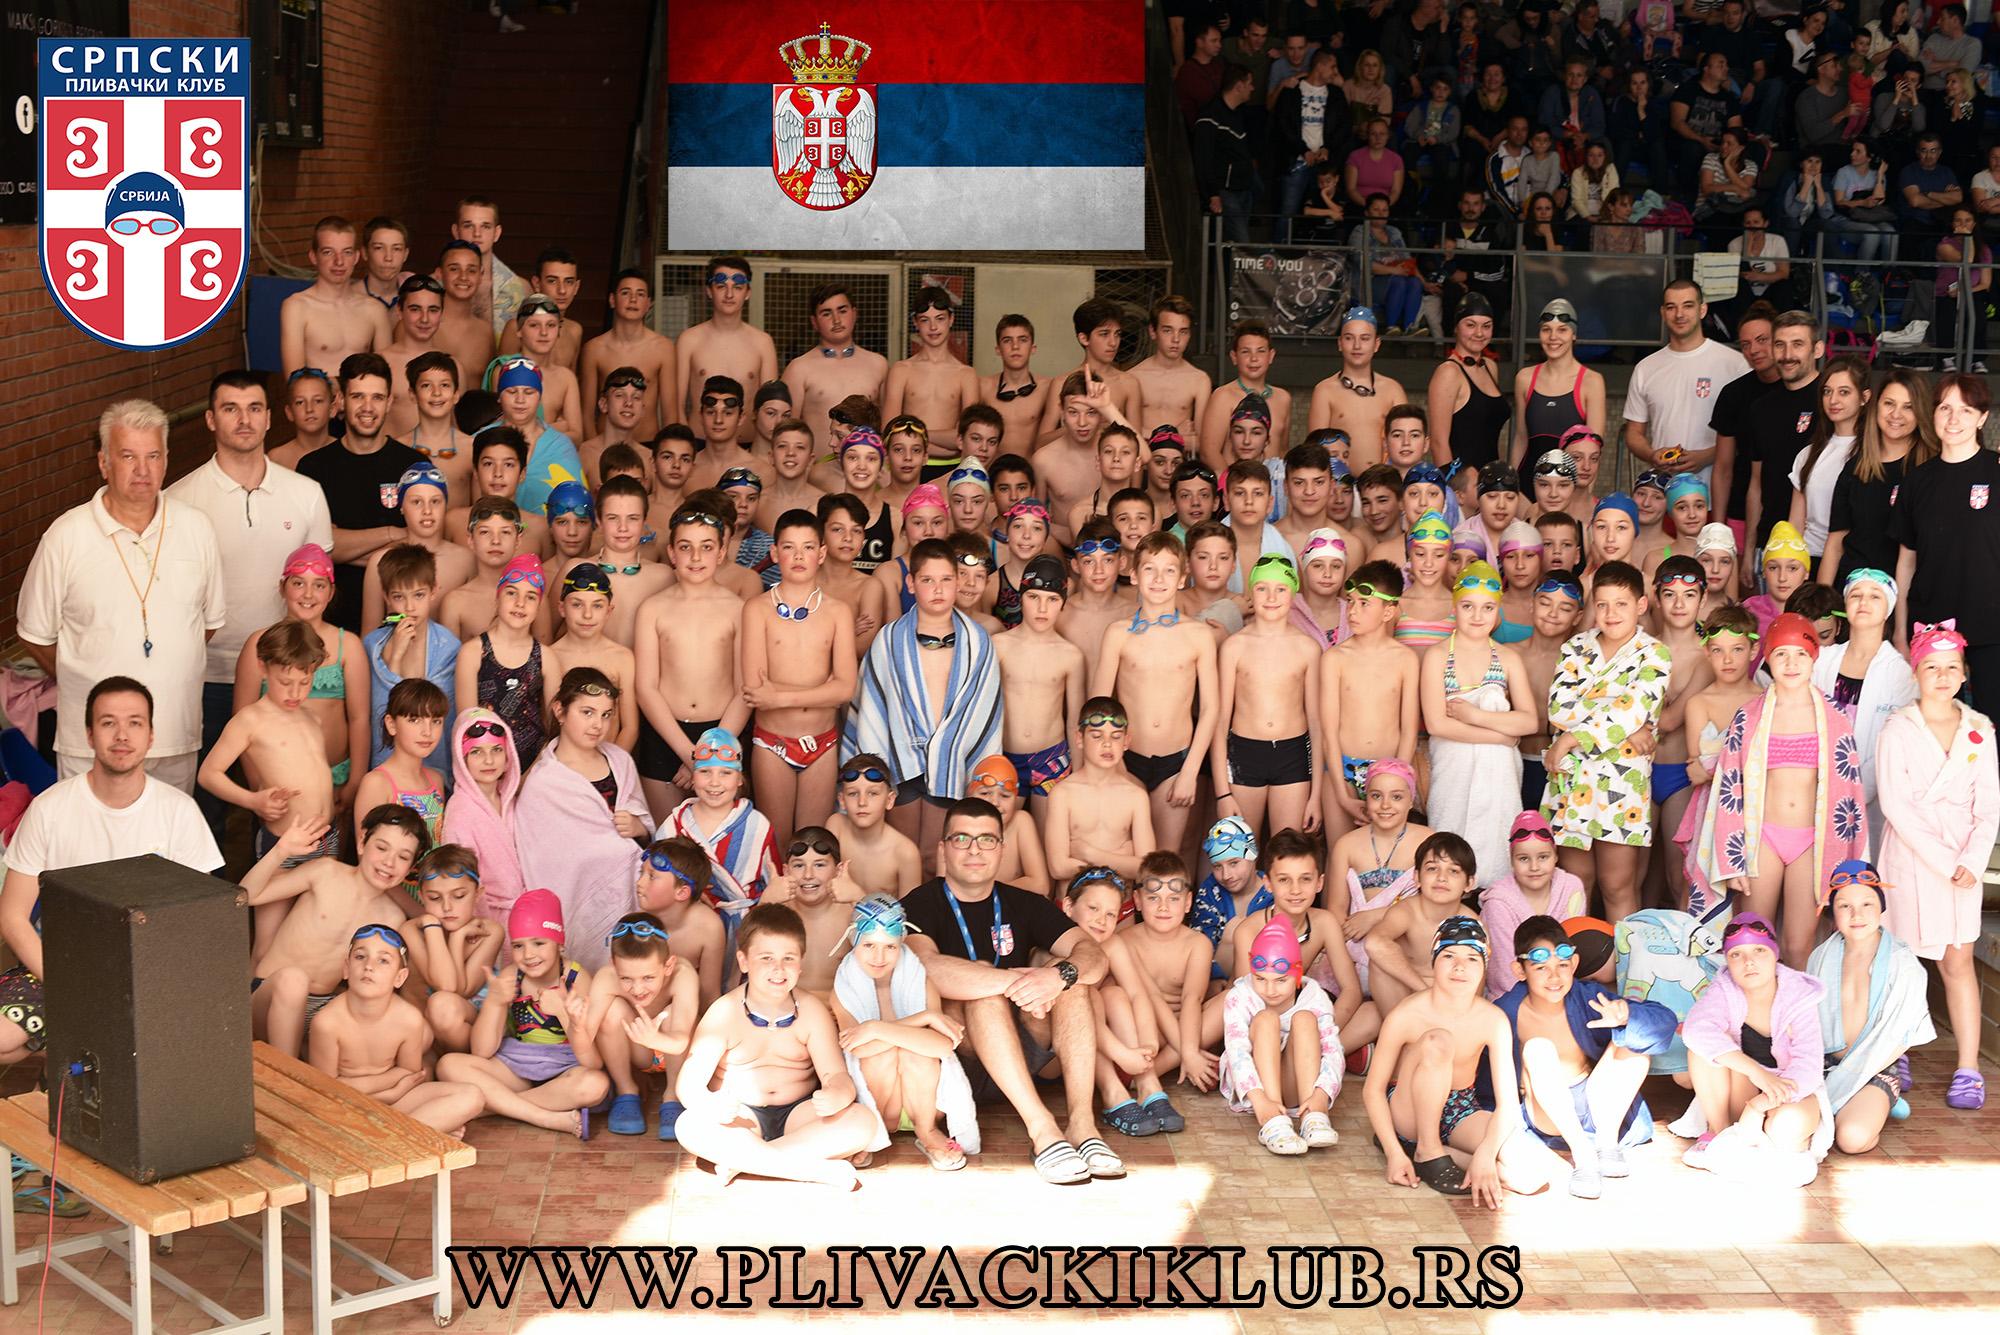 Srpski plivački klub – Nacionalna škola plivanja,Vračar – Beograd